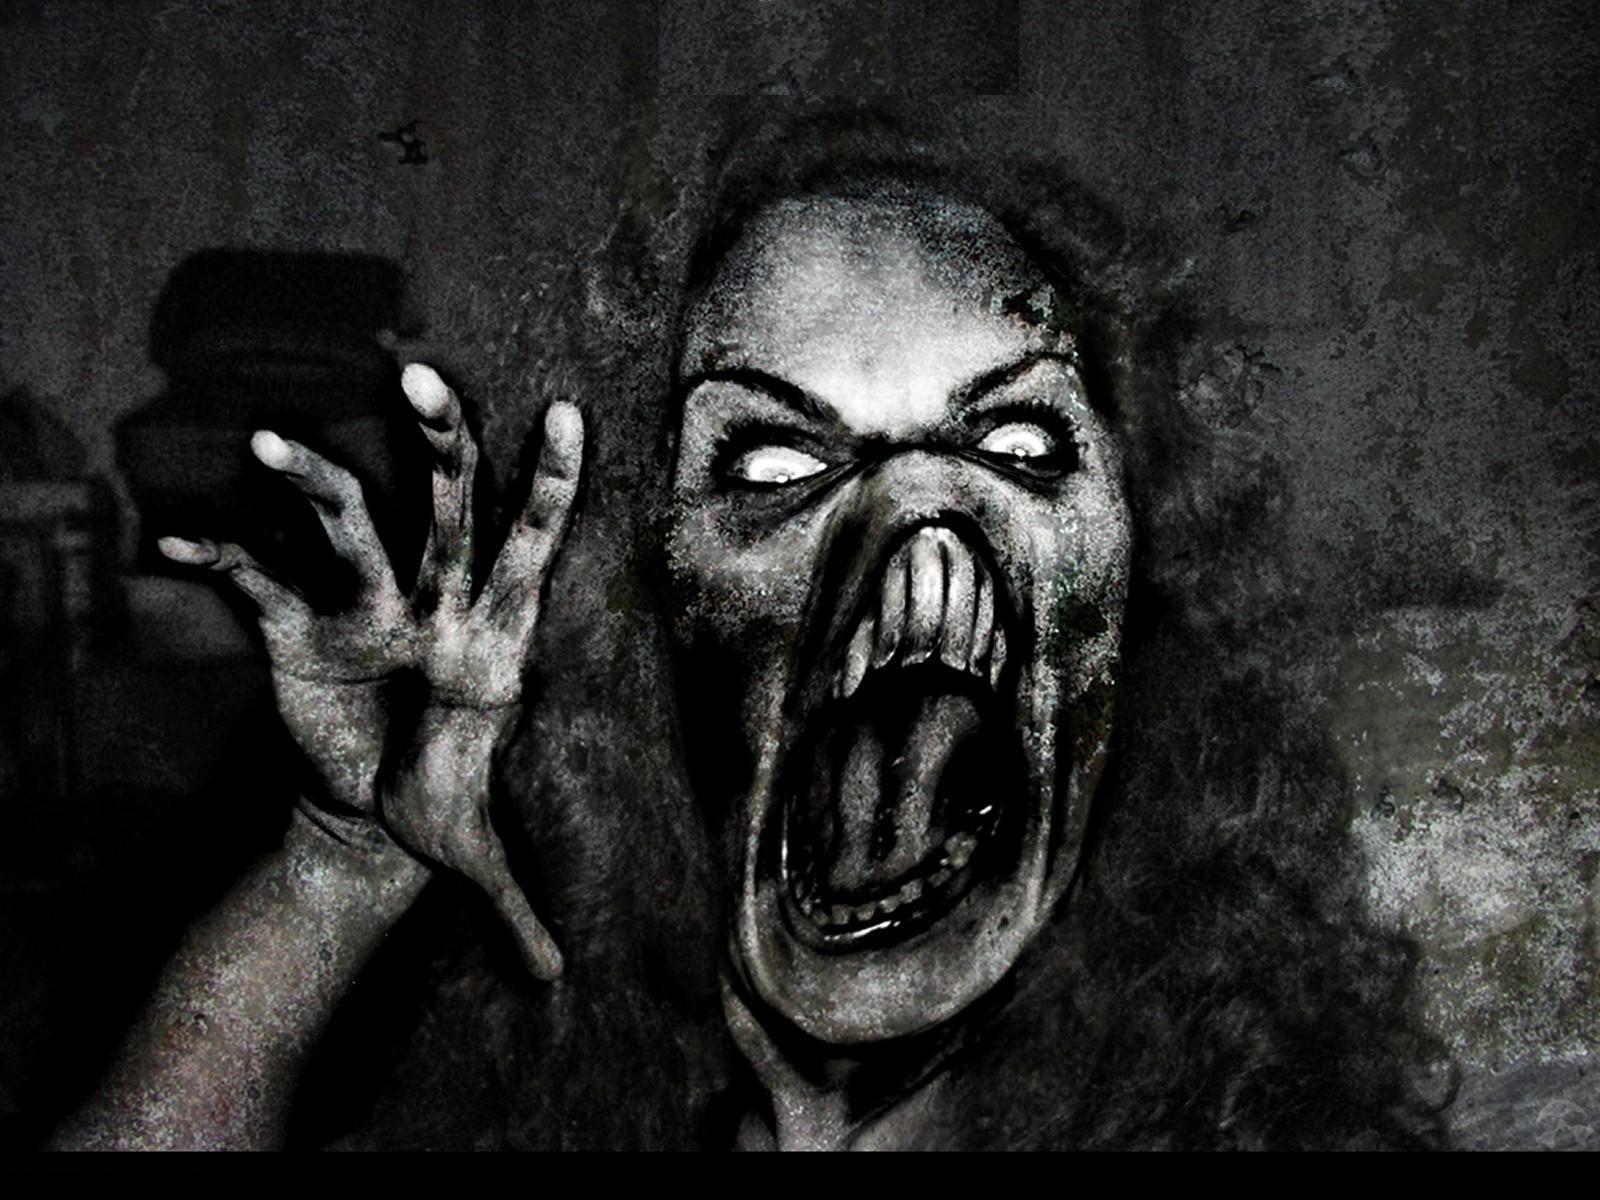 full hd p horror wallpapers hd desktop backgrounds x | hd